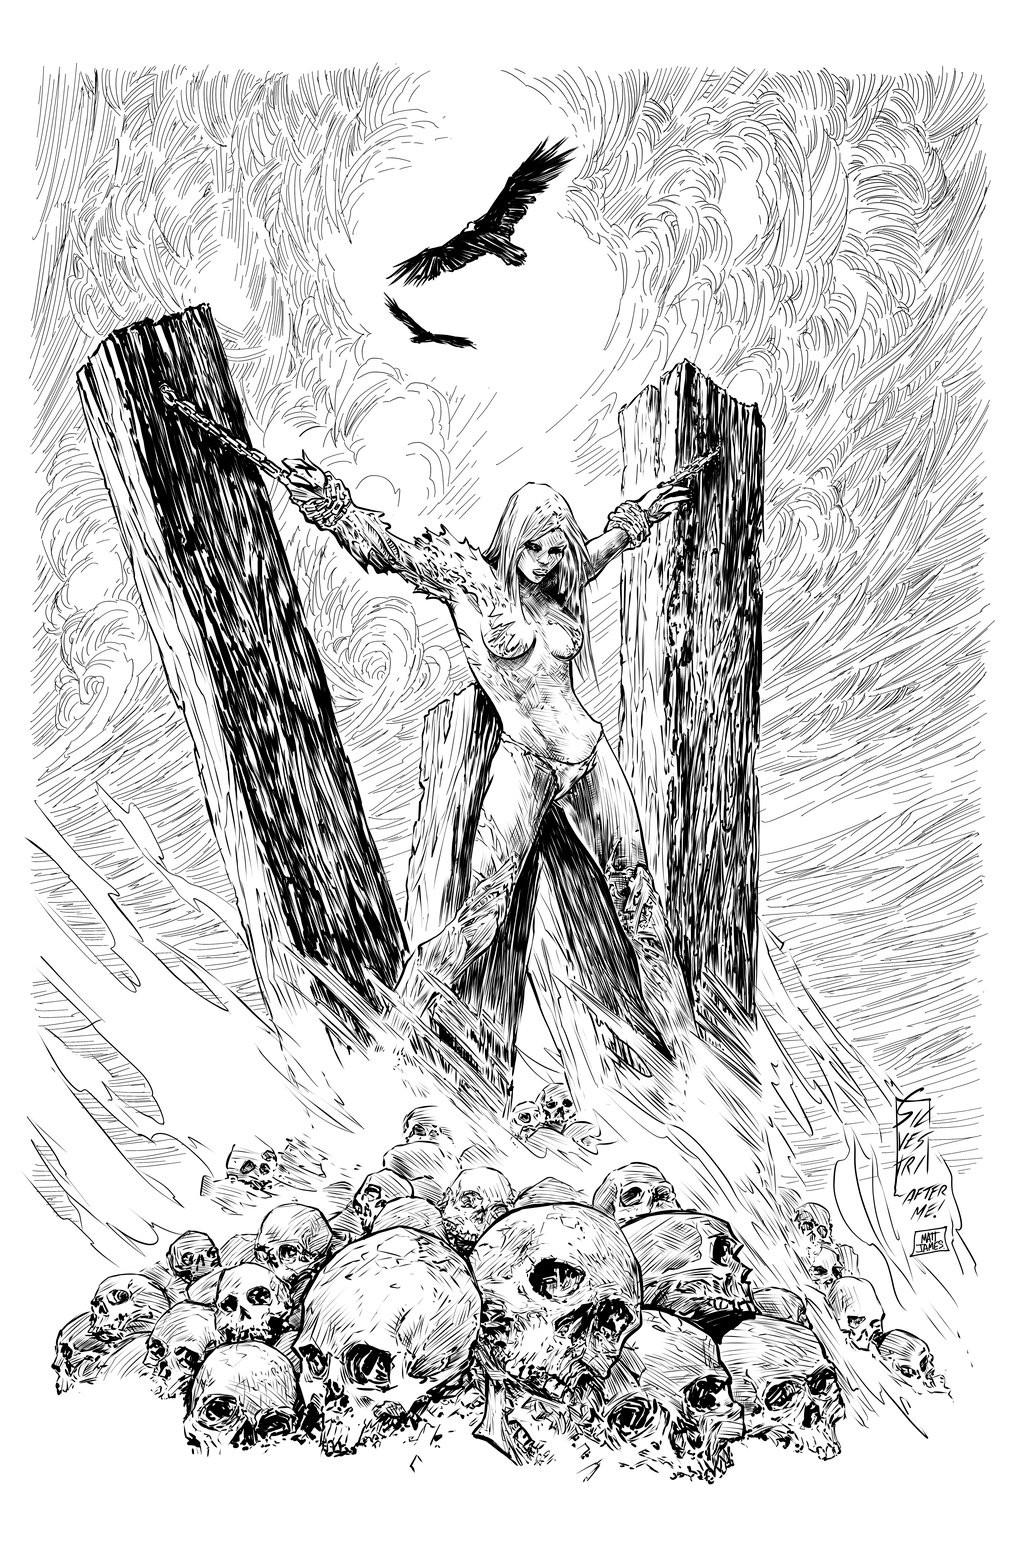 Matt james witchblade 170 cover practice inks by snakebitartstudio dc3jt61